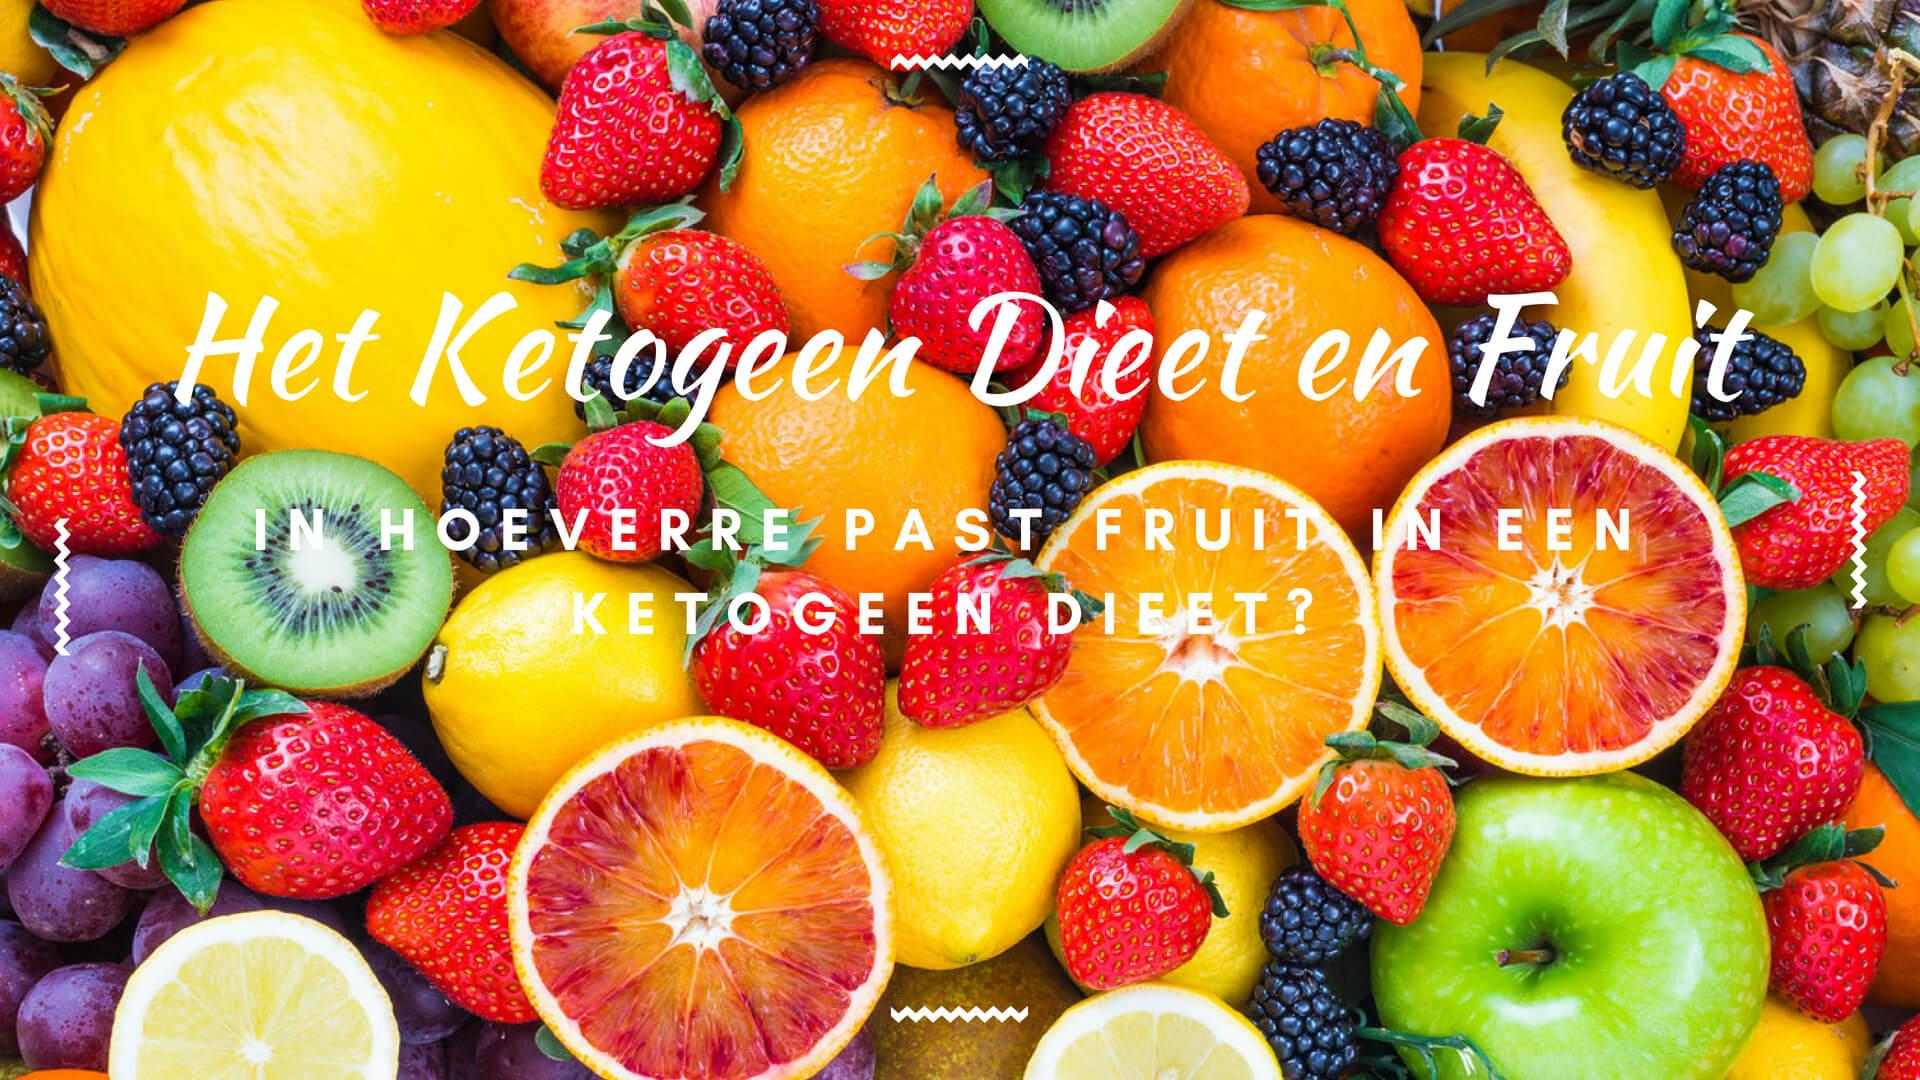 In hoeverre past fruit in een ketogeen dieet?